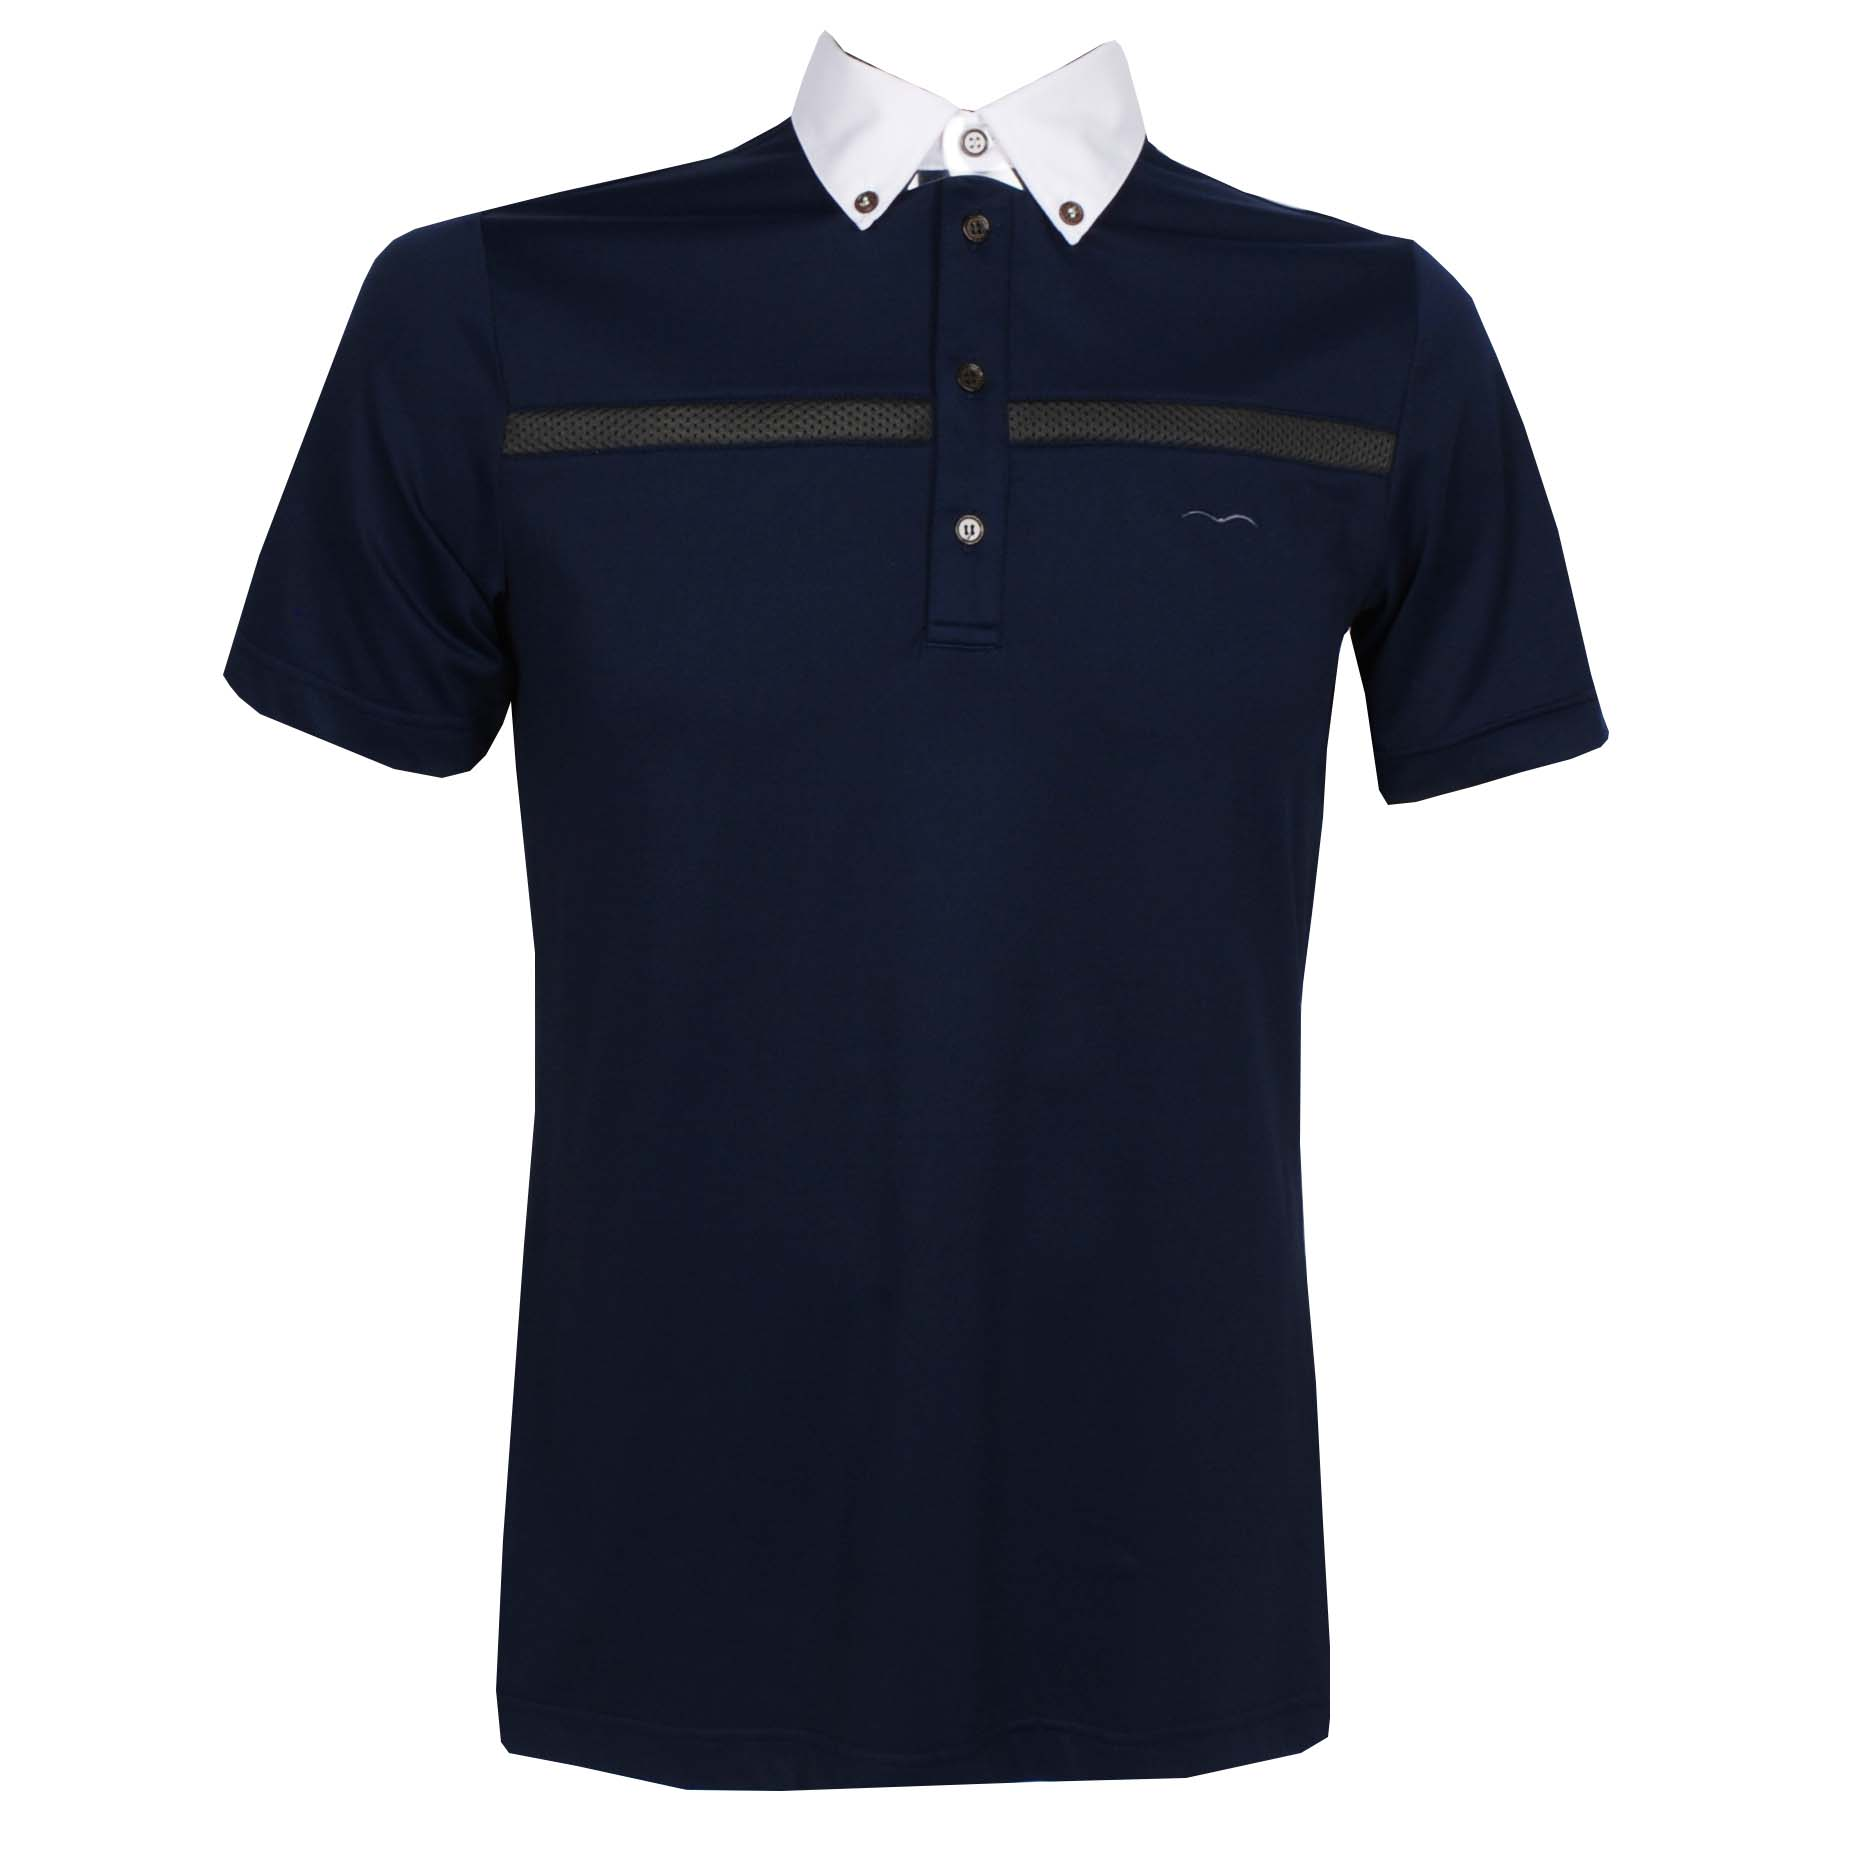 Animo Alu heren wedstrijdshirt donkerblauw maat:48